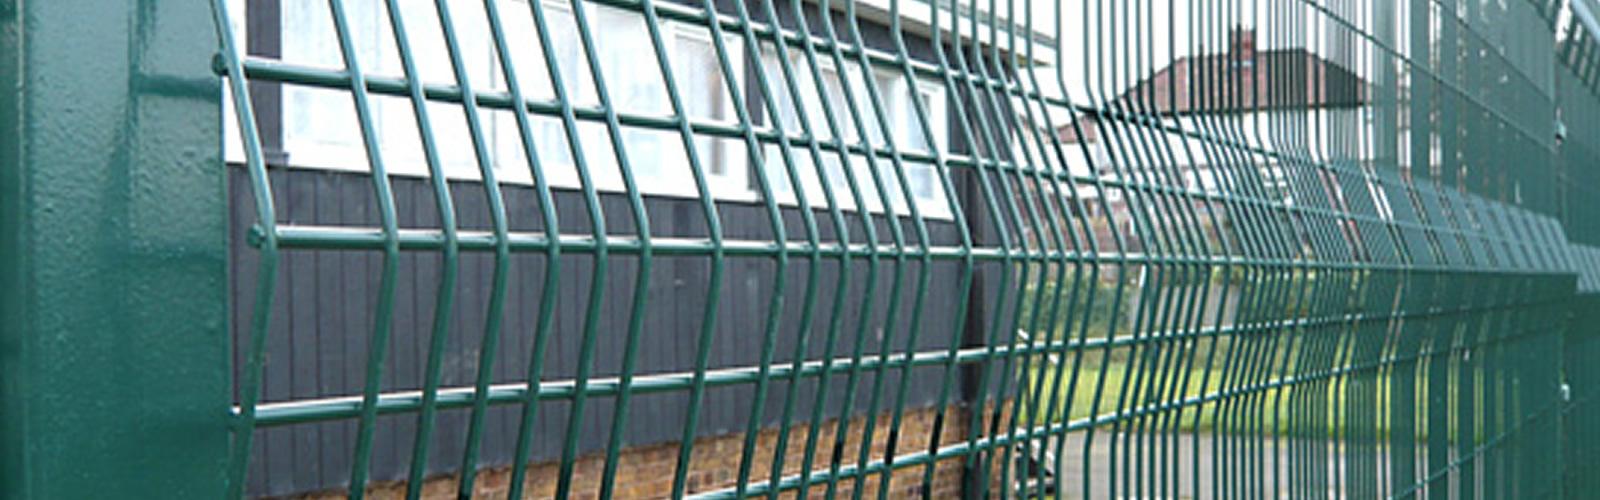 Fairways Security Fencing | Fencing Contractor| Solihull